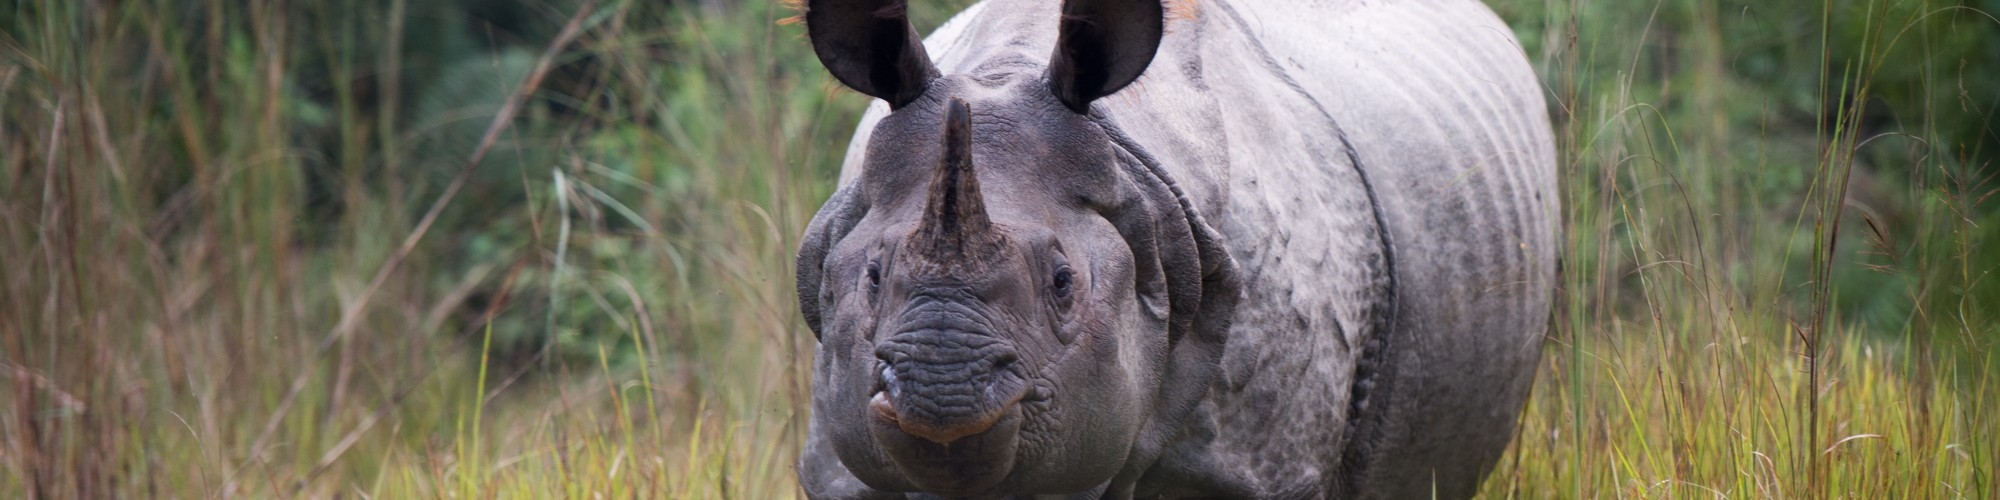 Rhino, Chitwan, Nepal